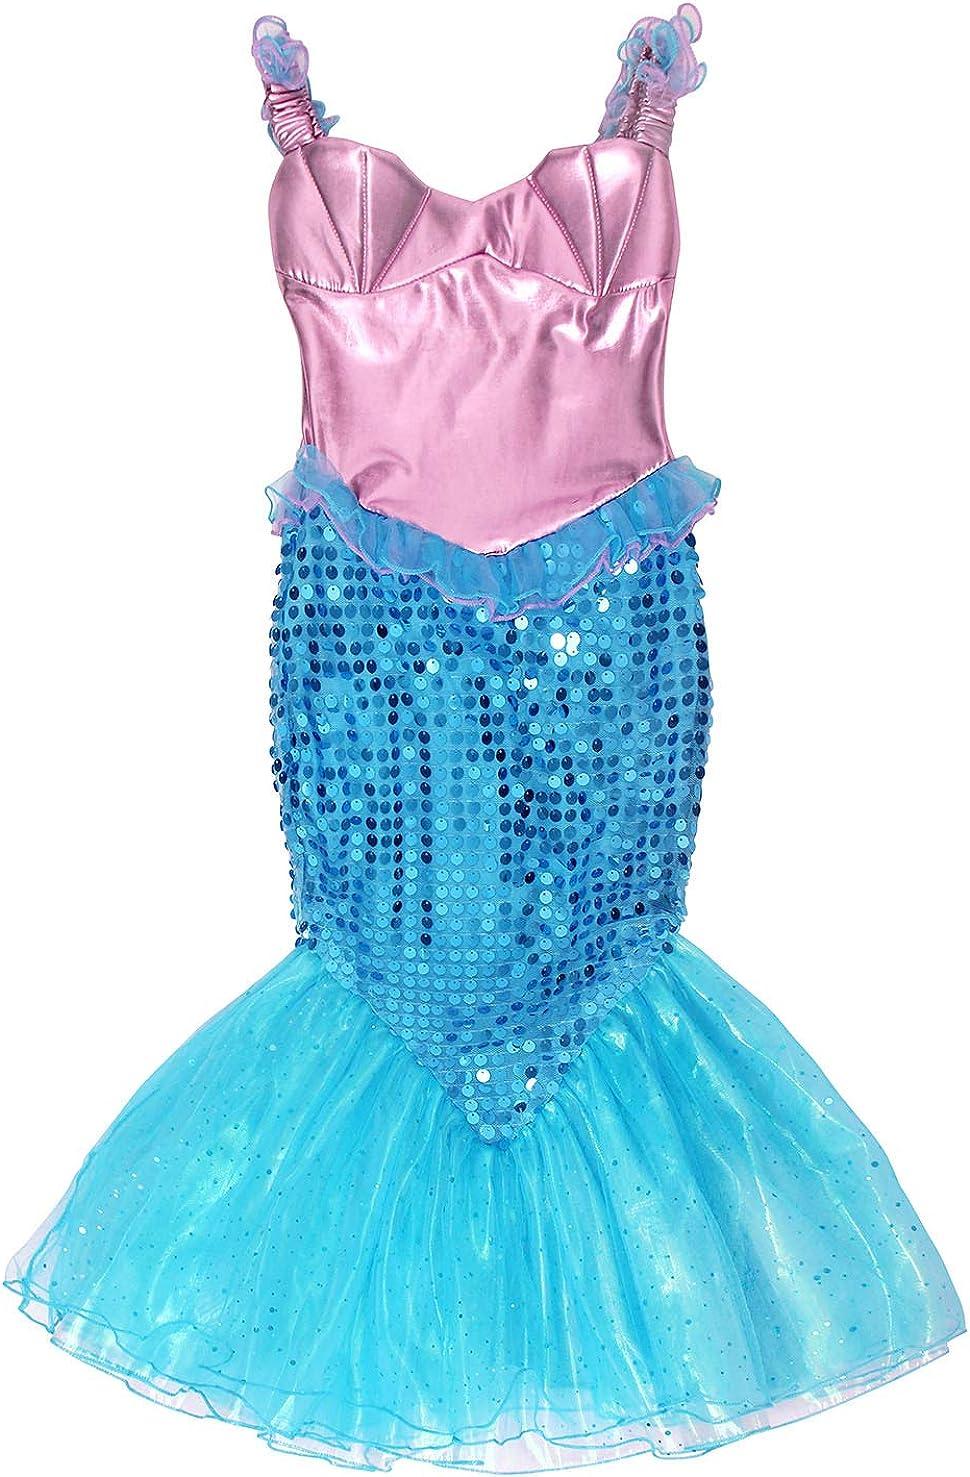 AmzBarley Meerjungfrau Kost/üm Kleid Kinder M/ädchen Ariel Kost/üme Prinzessin Kleider Abendkleid Halloween Cosplay Verr/ücktes Kleid Geburtstag Party Ankleiden